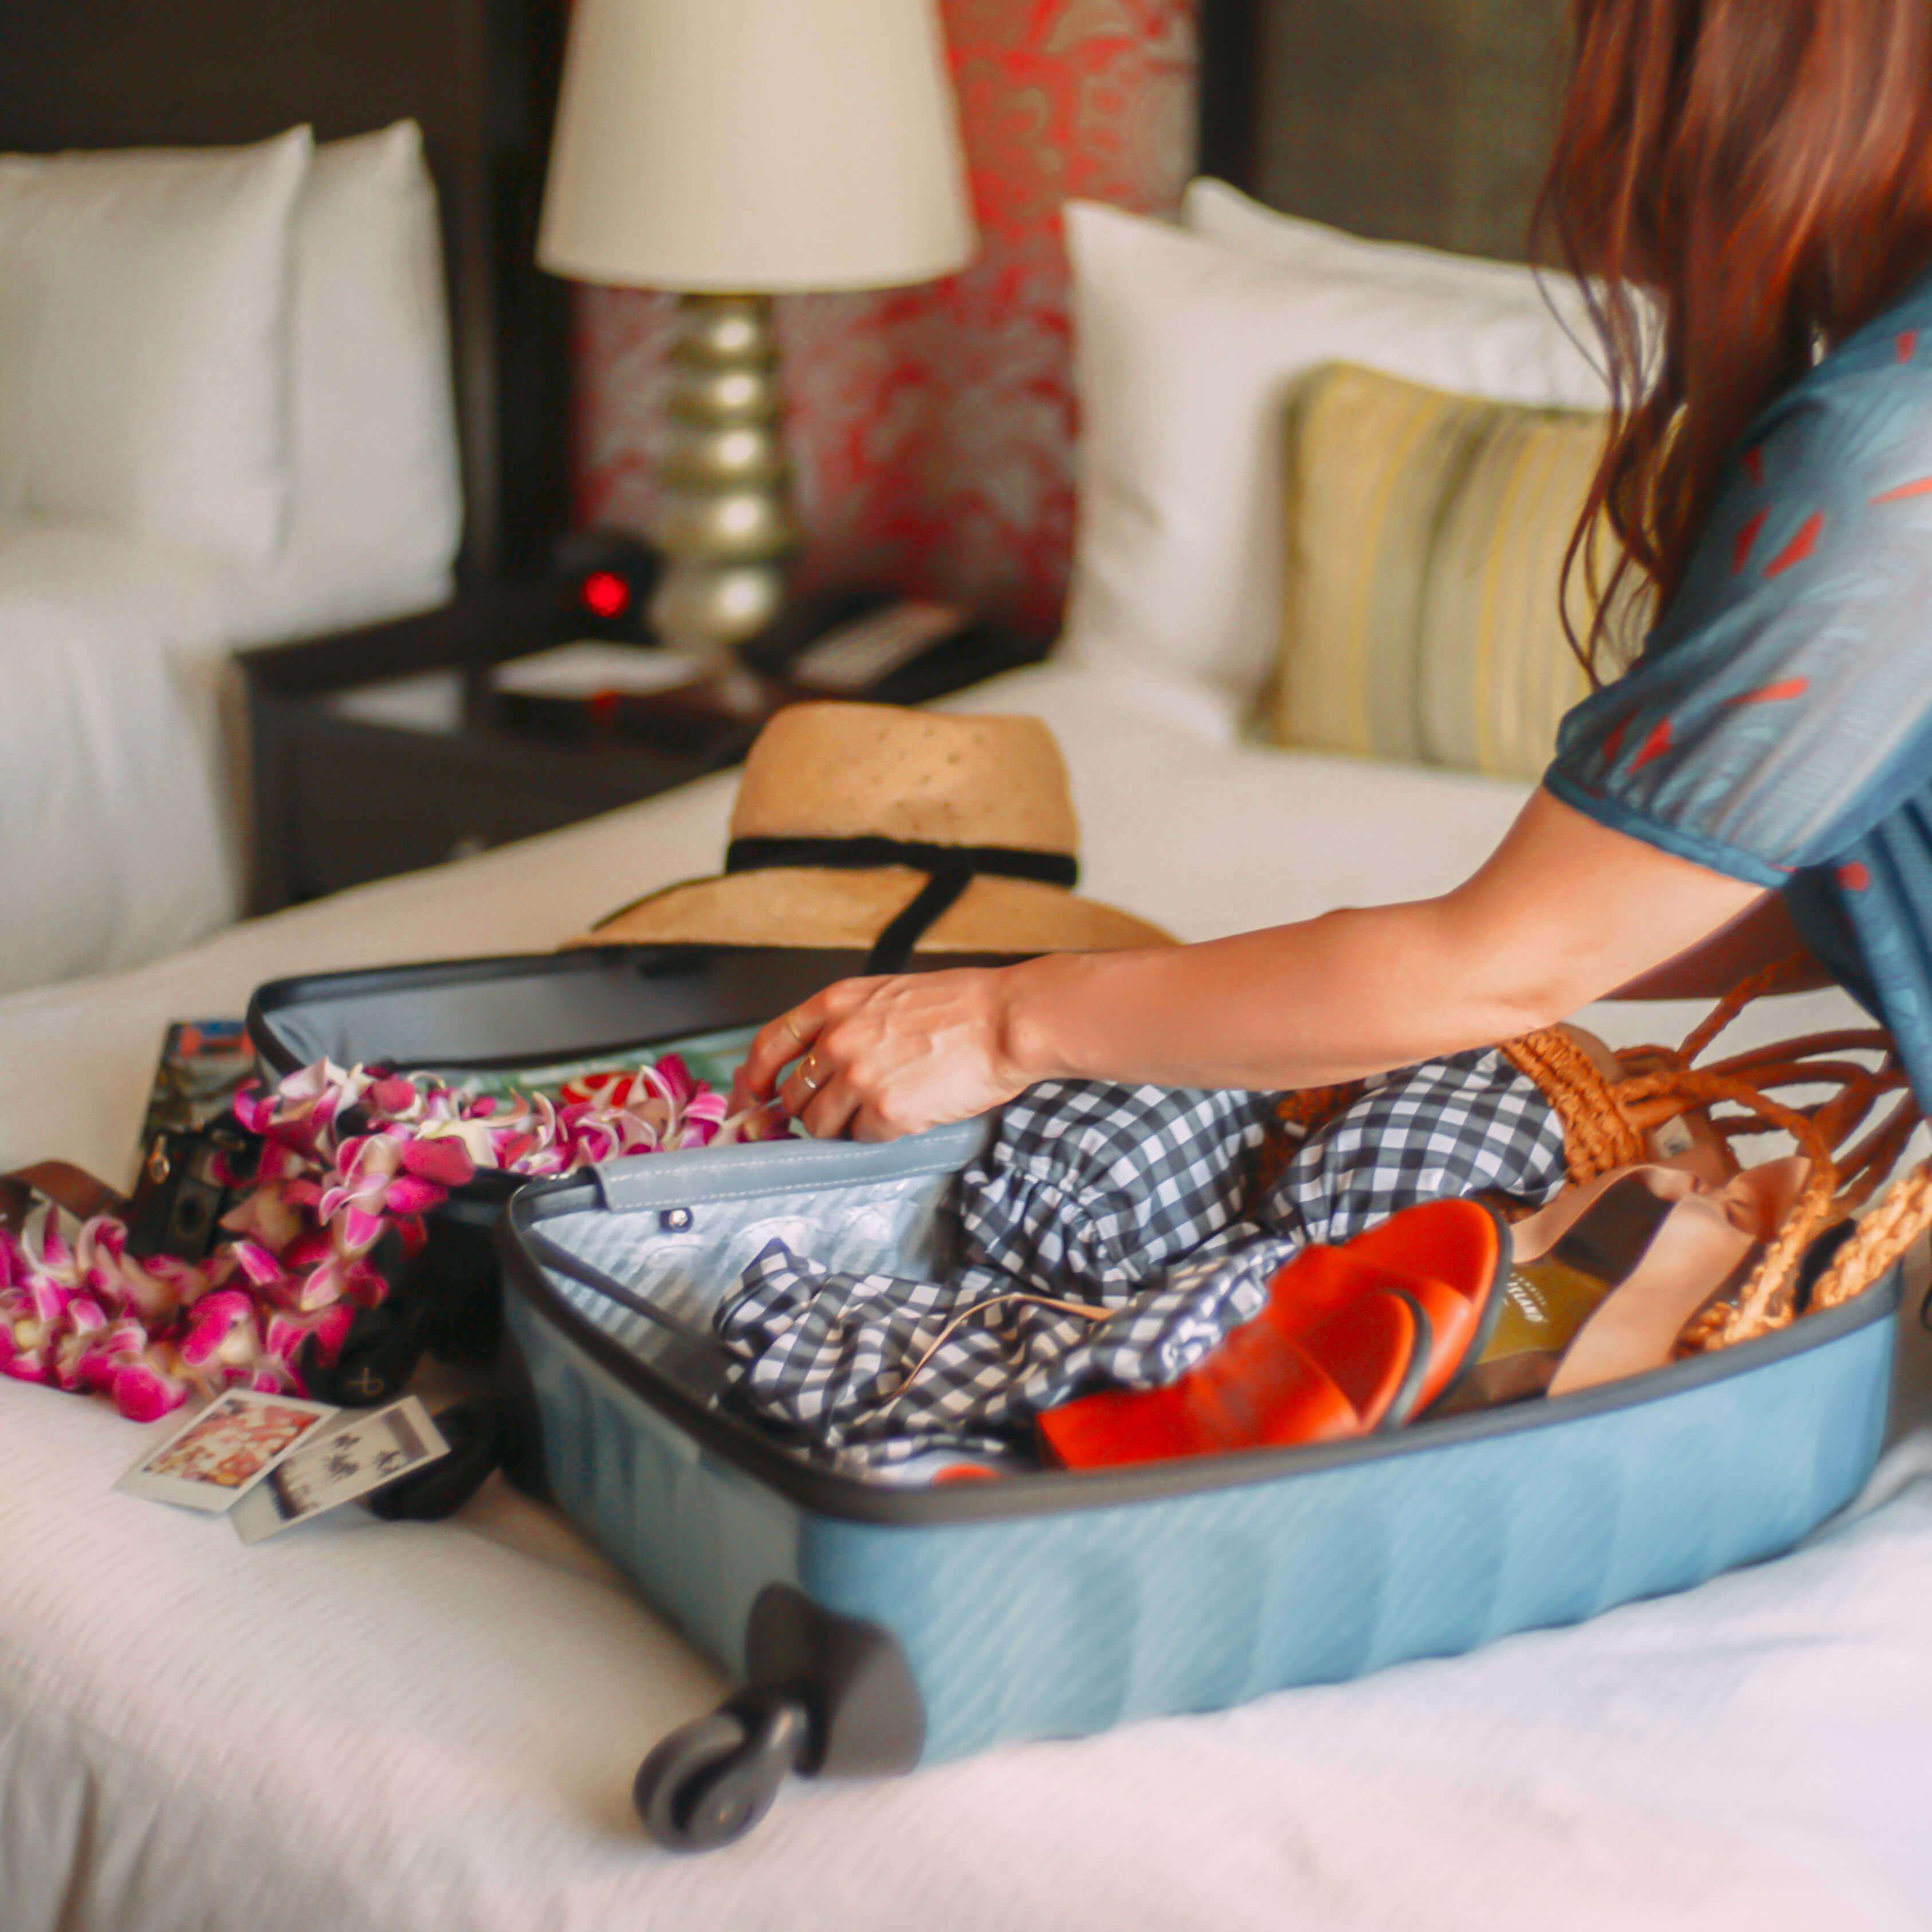 スーツケースのパッキング風景